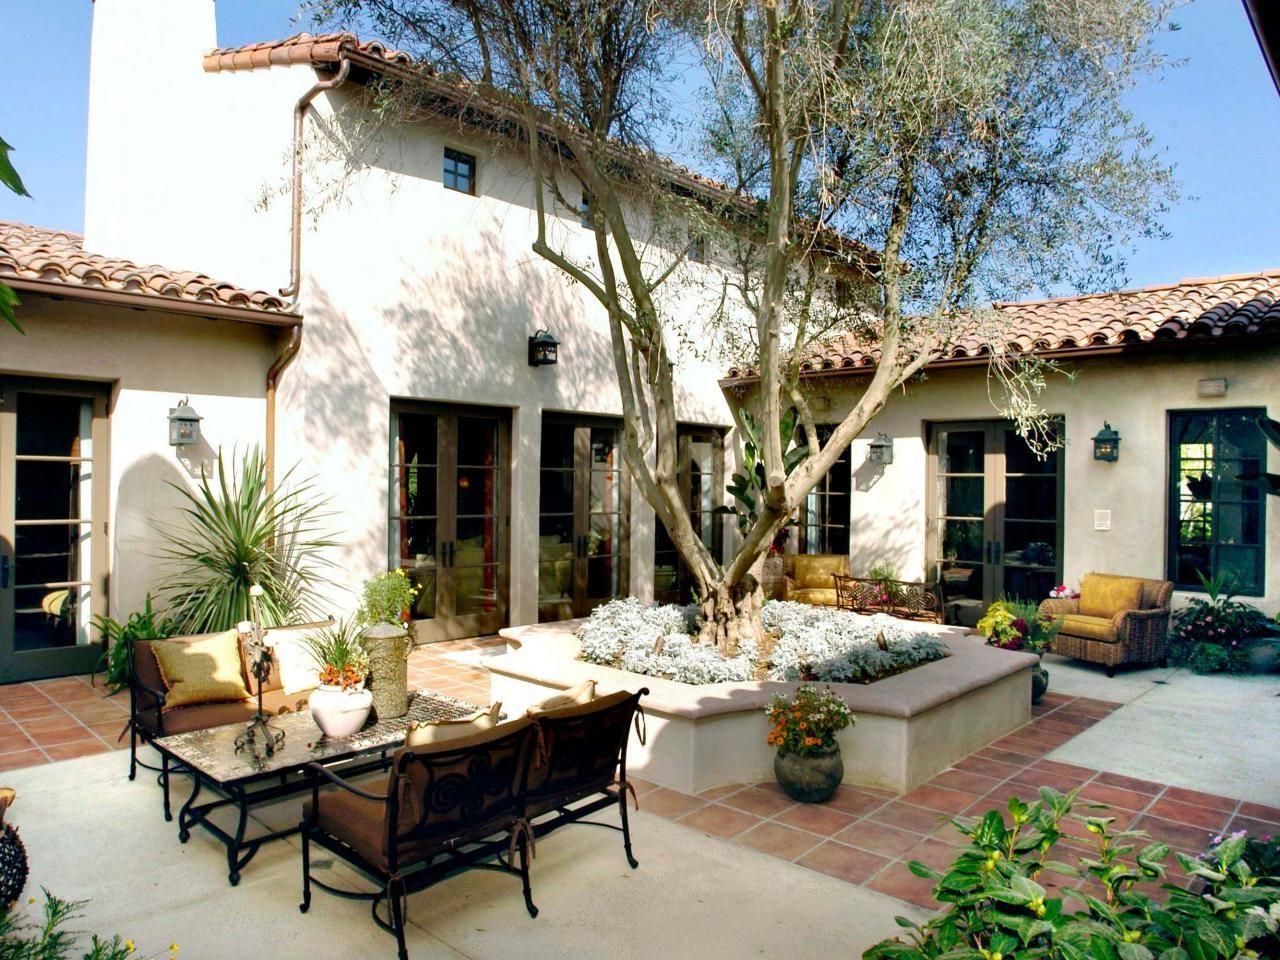 Innenhof Spanischer Häuser mit Olivenbaum